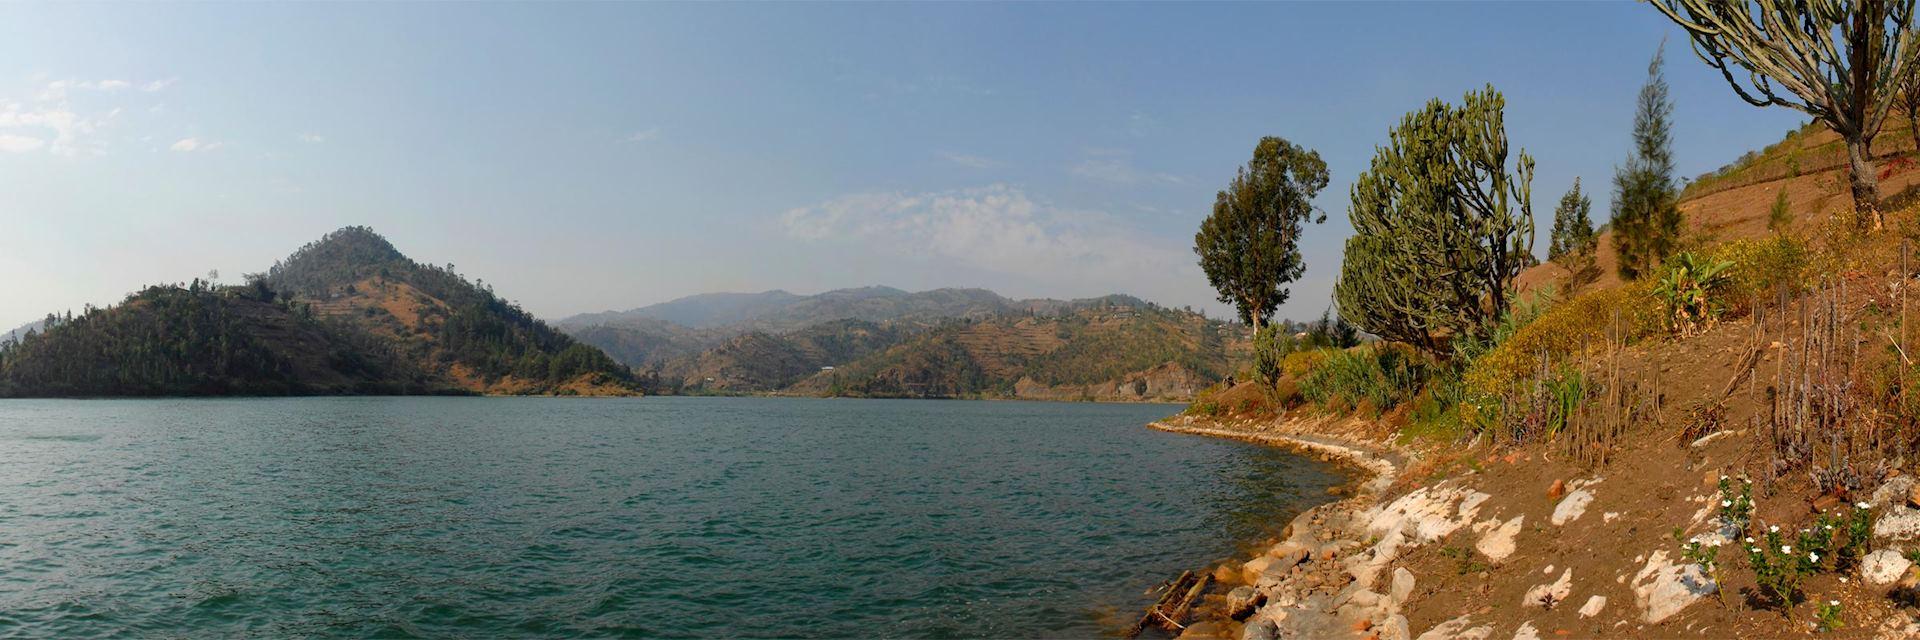 Kubuye, Lake Kivu